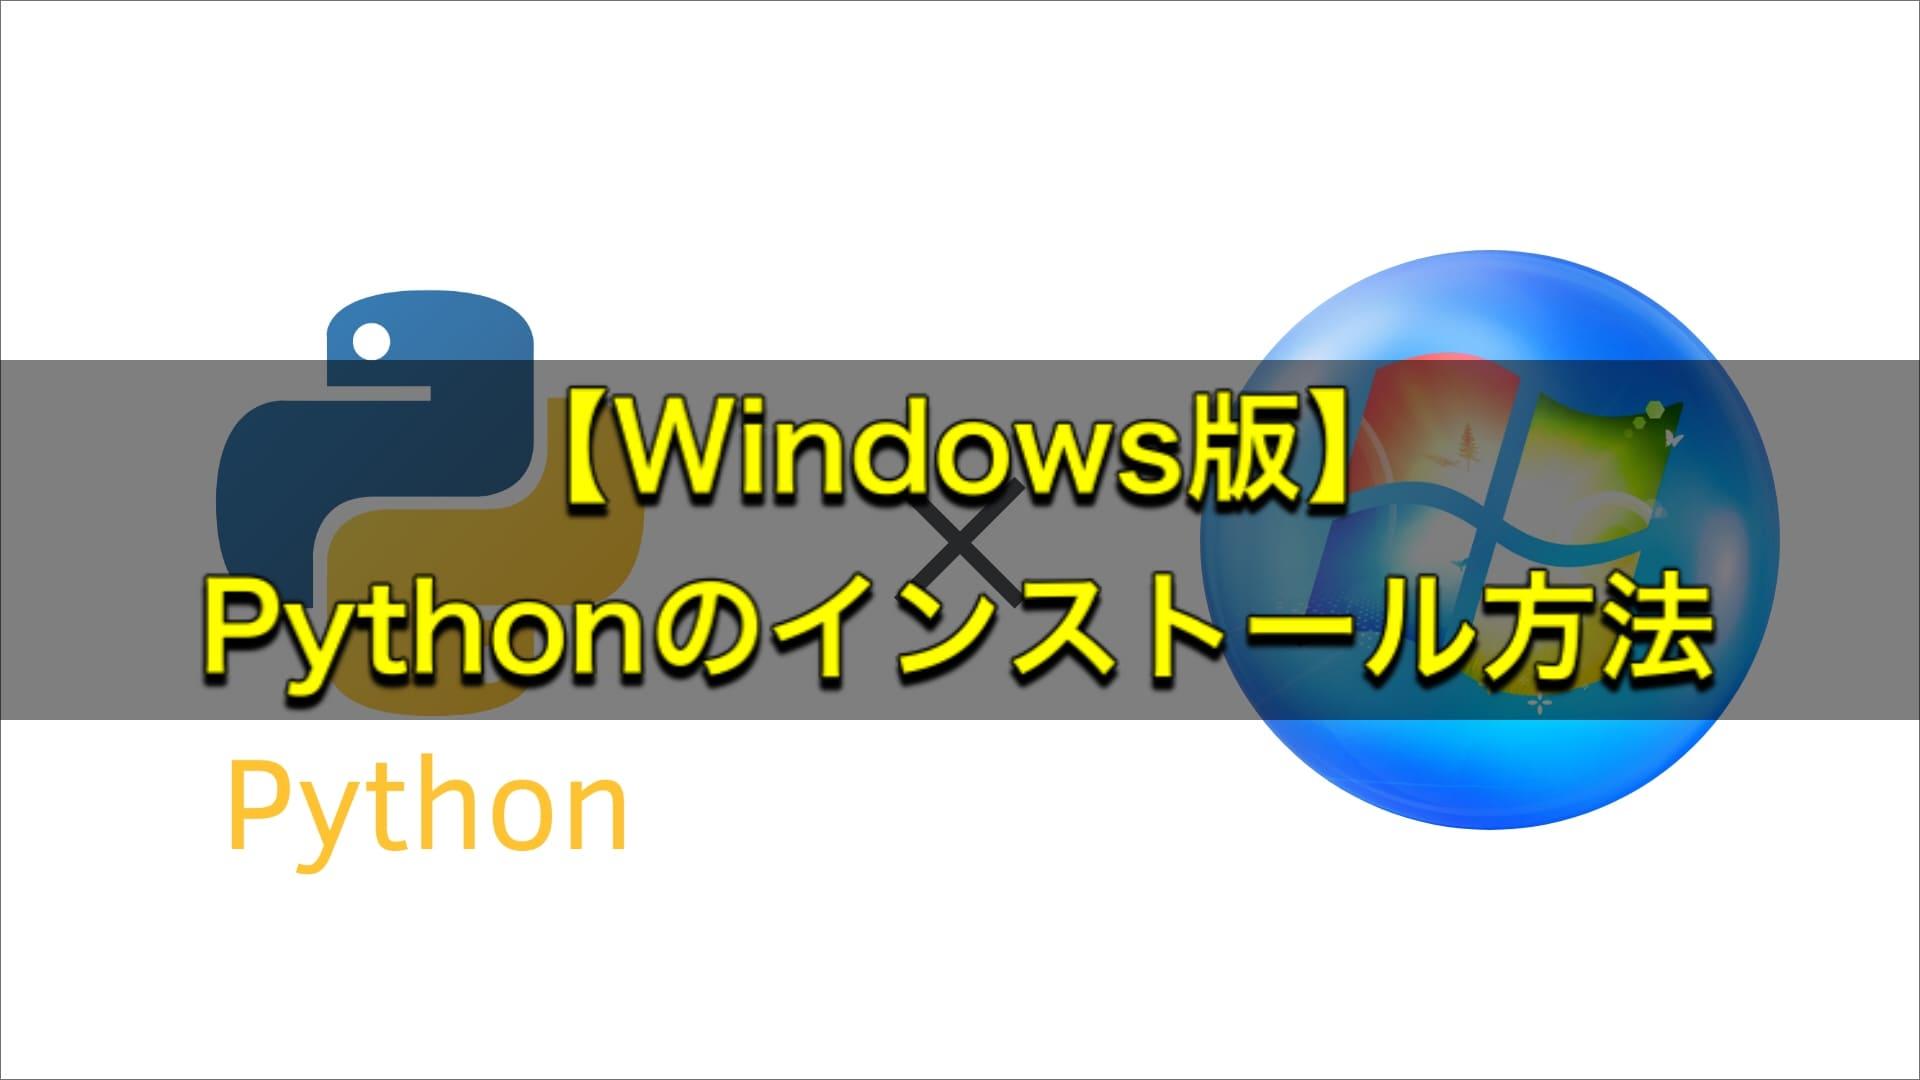 【Windows版】Pythonのインストール方法【画像を使ってわかりやすく解説】